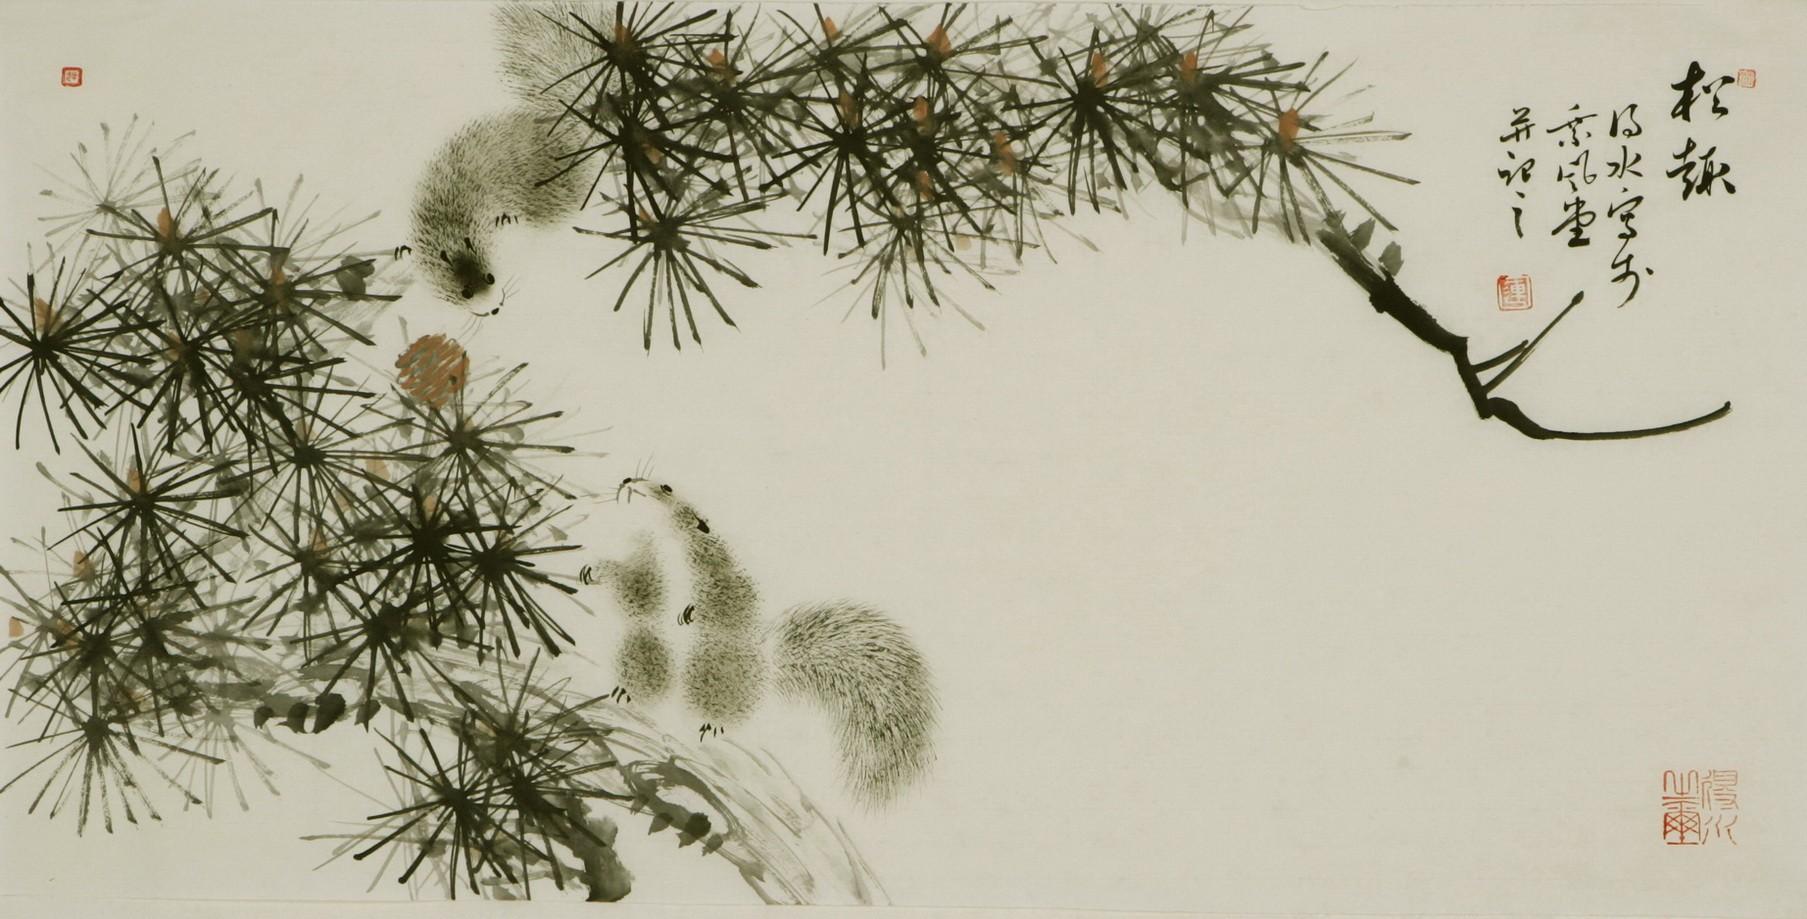 Squirrels - CNAG003667